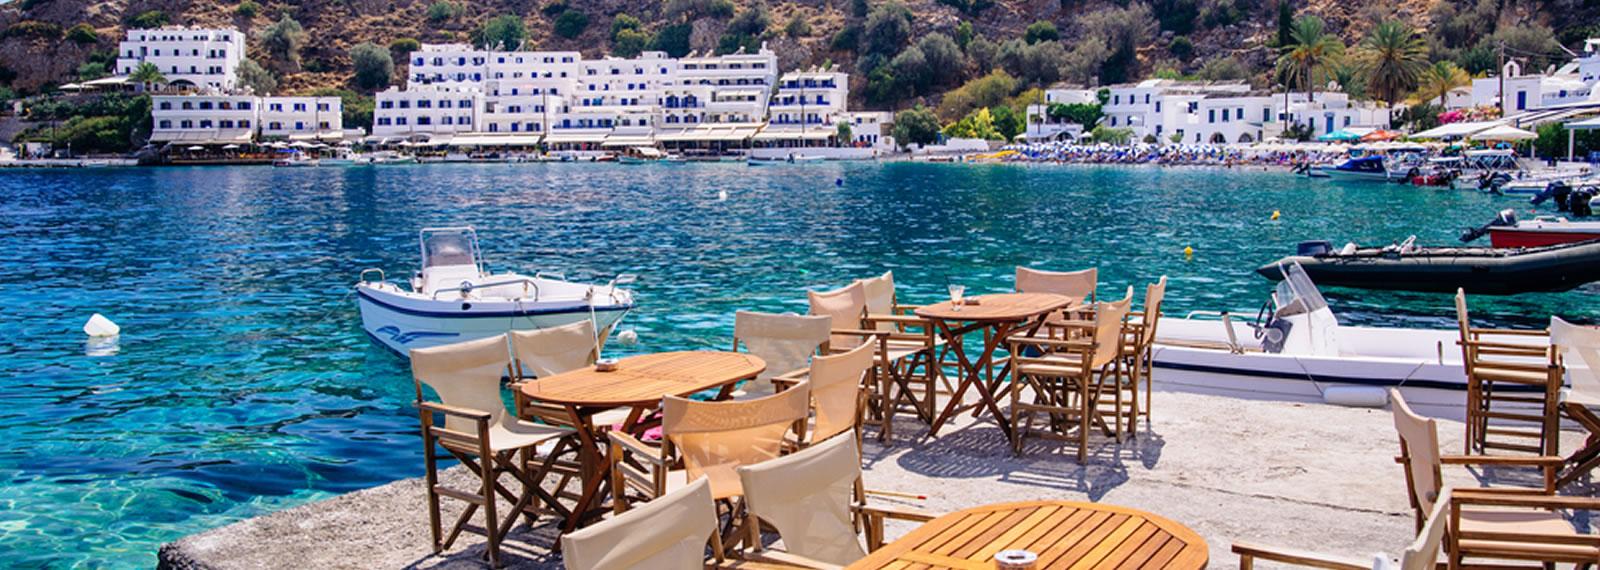 All-Inclusive Crete Break